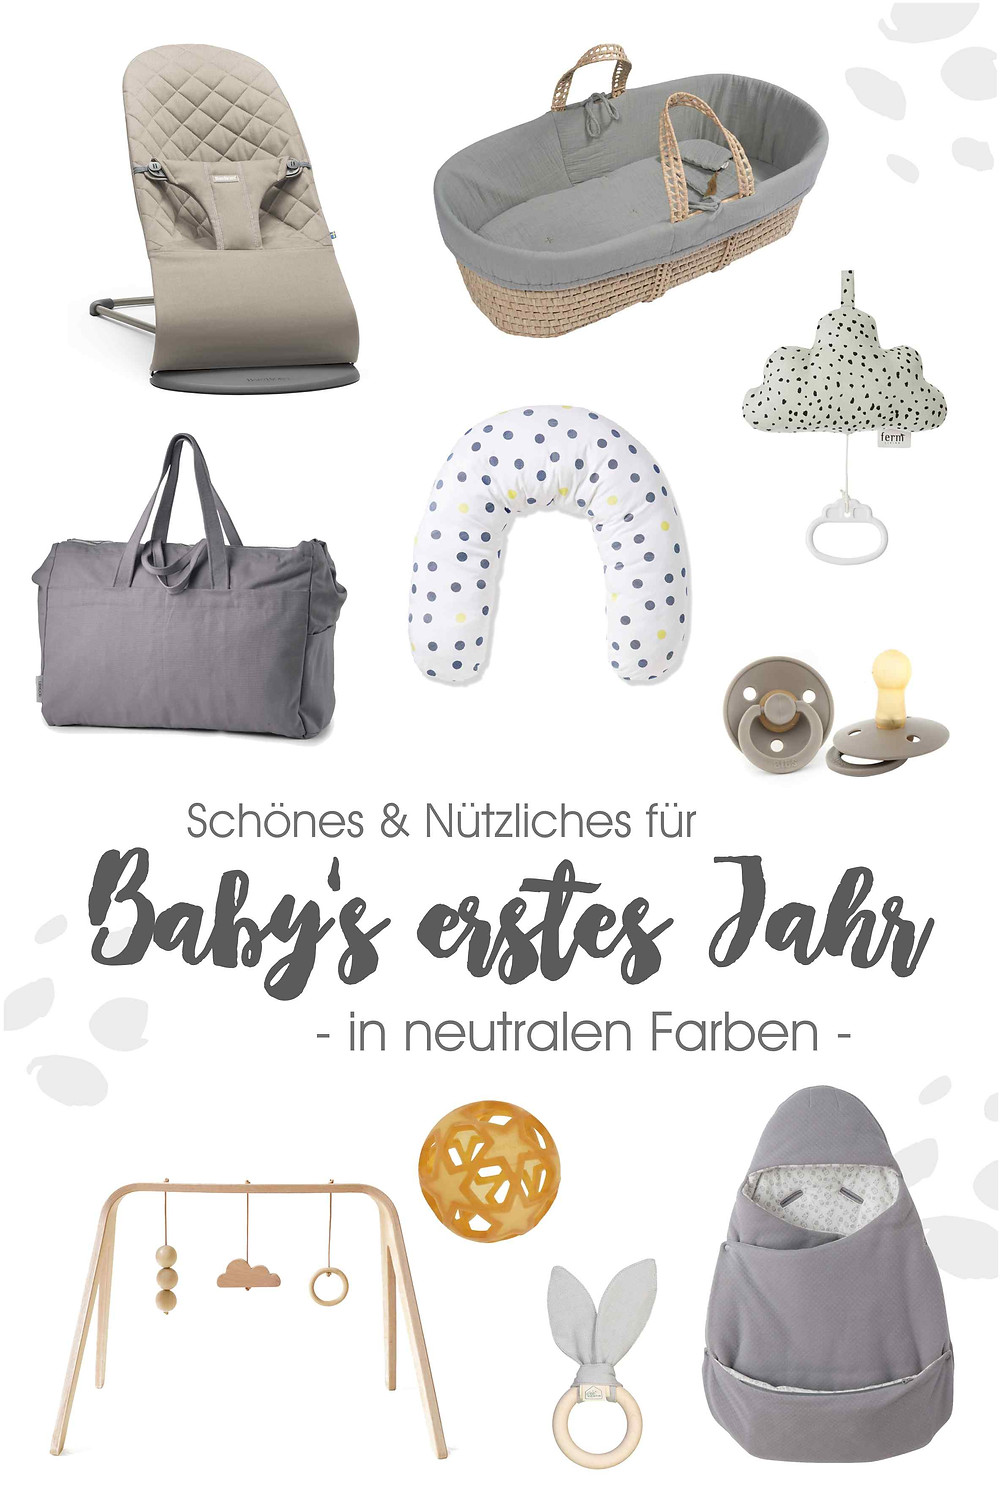 Nützliches fürs Baby - Geschenke zur Geburt